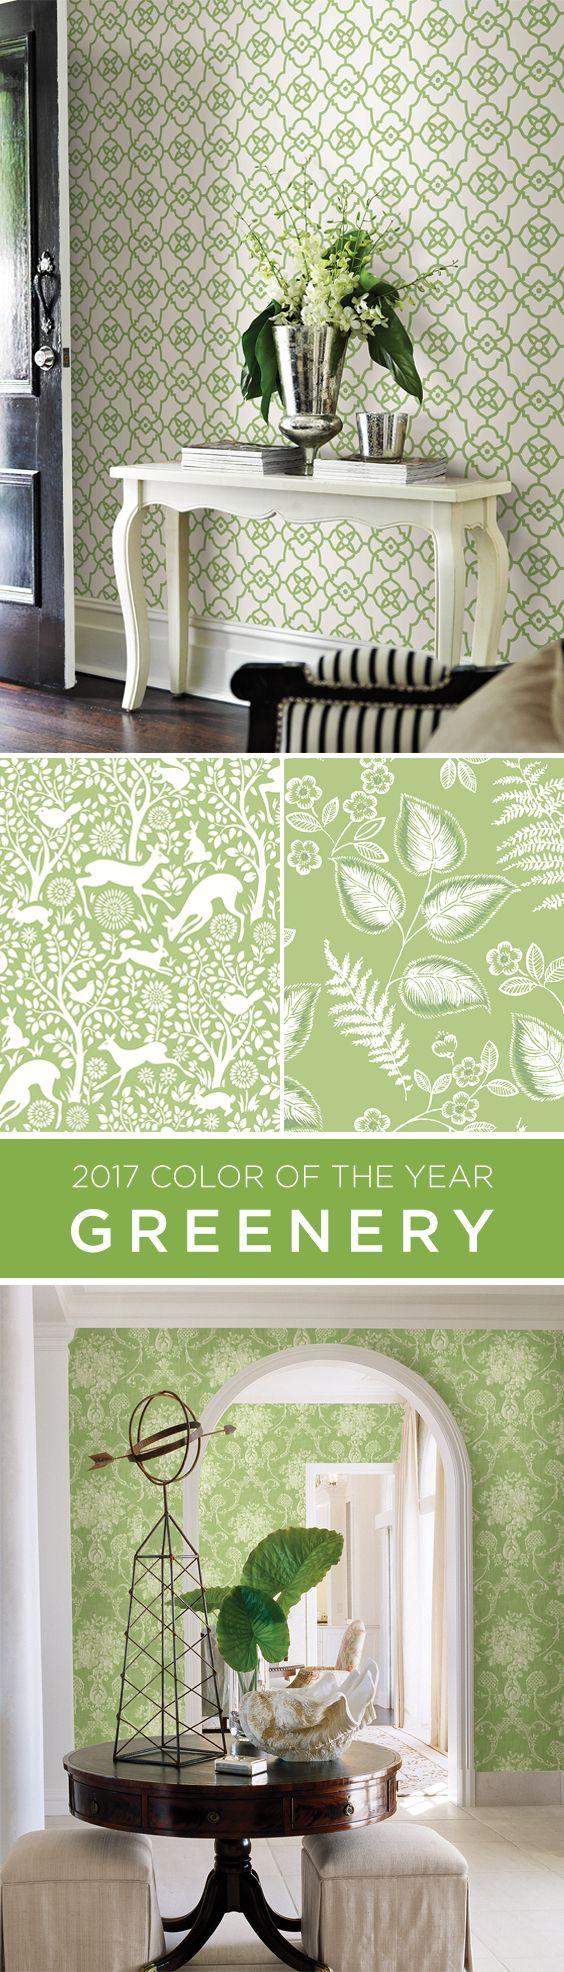 33 ideas decorar casa greenery color del ano 9 for Ideas para renovar la casa